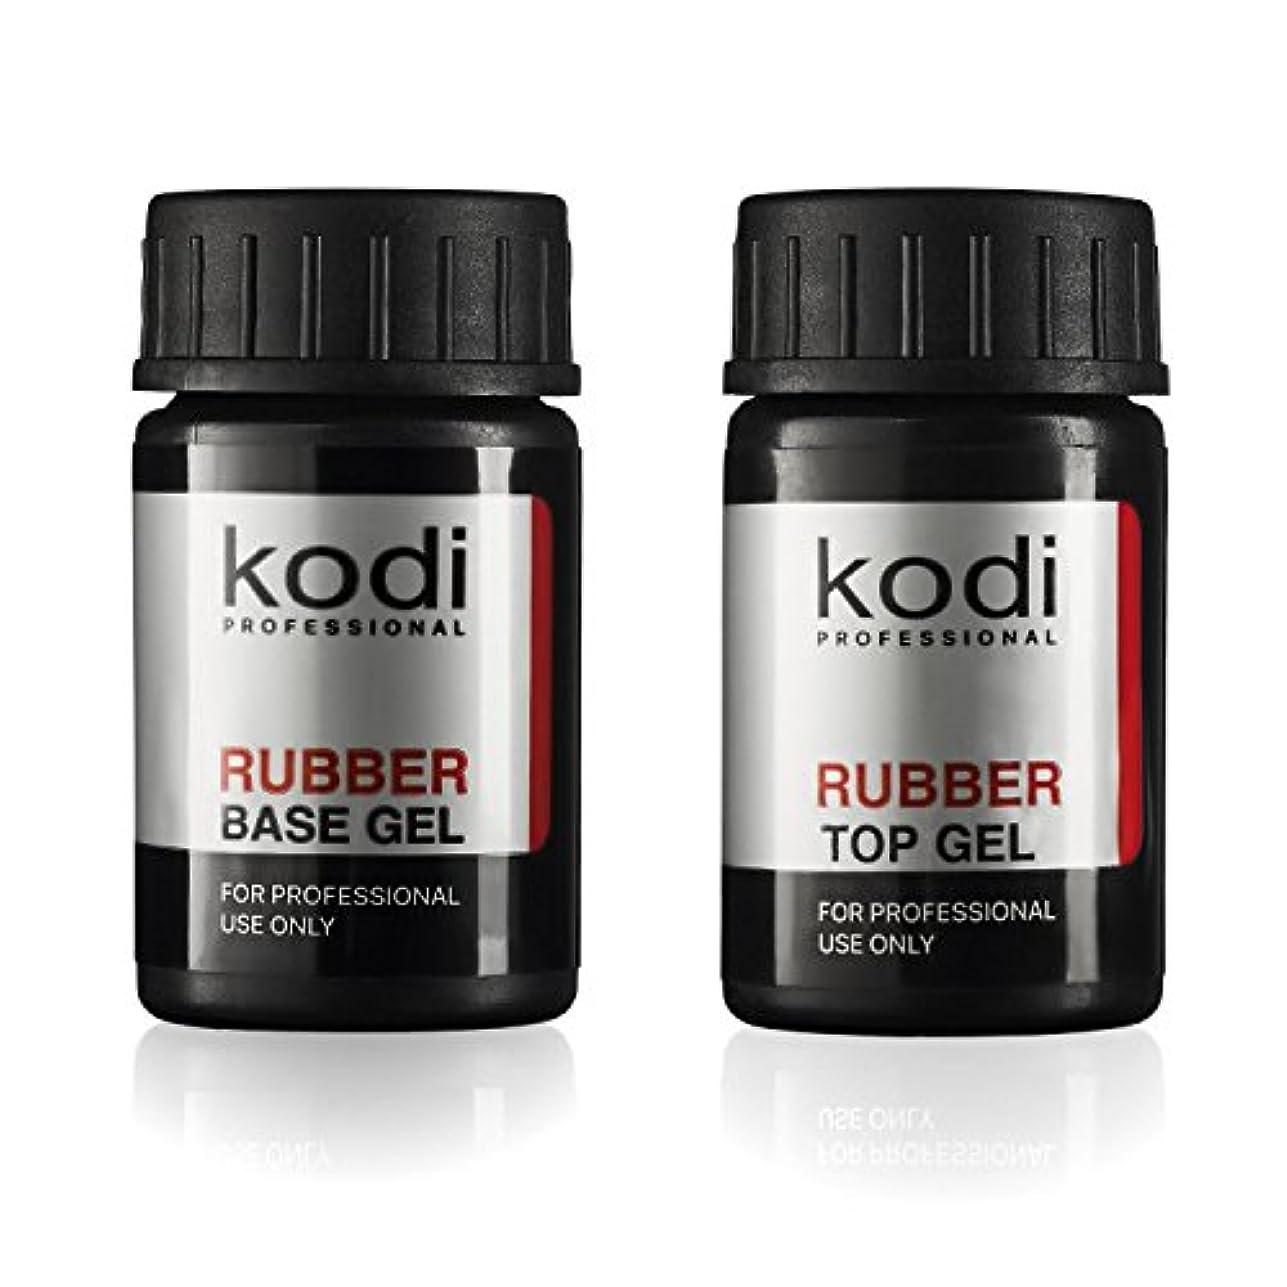 スナッククリーナー署名Kodi プロフェッショナルラバートップ&ベースジェルセット| 14ml 0.49オンス|爪のソークオフとポリッシュ コートキット|長持ちするネイルレイヤー|使いやすい、無毒&無香料| LEDまたはUVランプの下で硬化